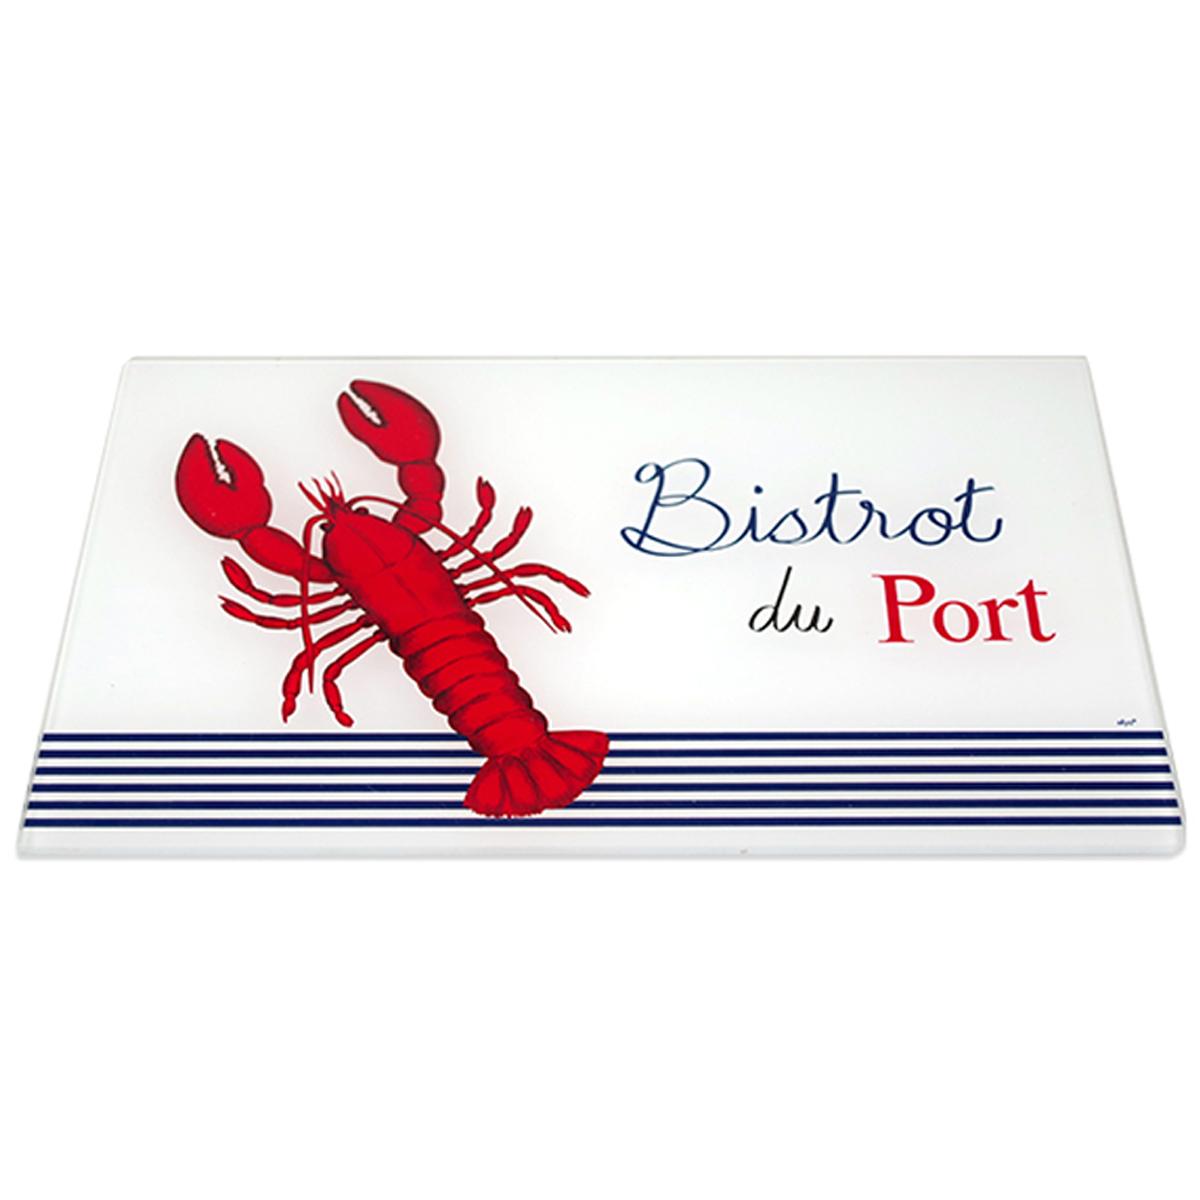 Planche à découpe / dessous de plat verre  \'Bistrot du Port\' rouge bleu blanc (homard) - 30x20 cm - [A2467]